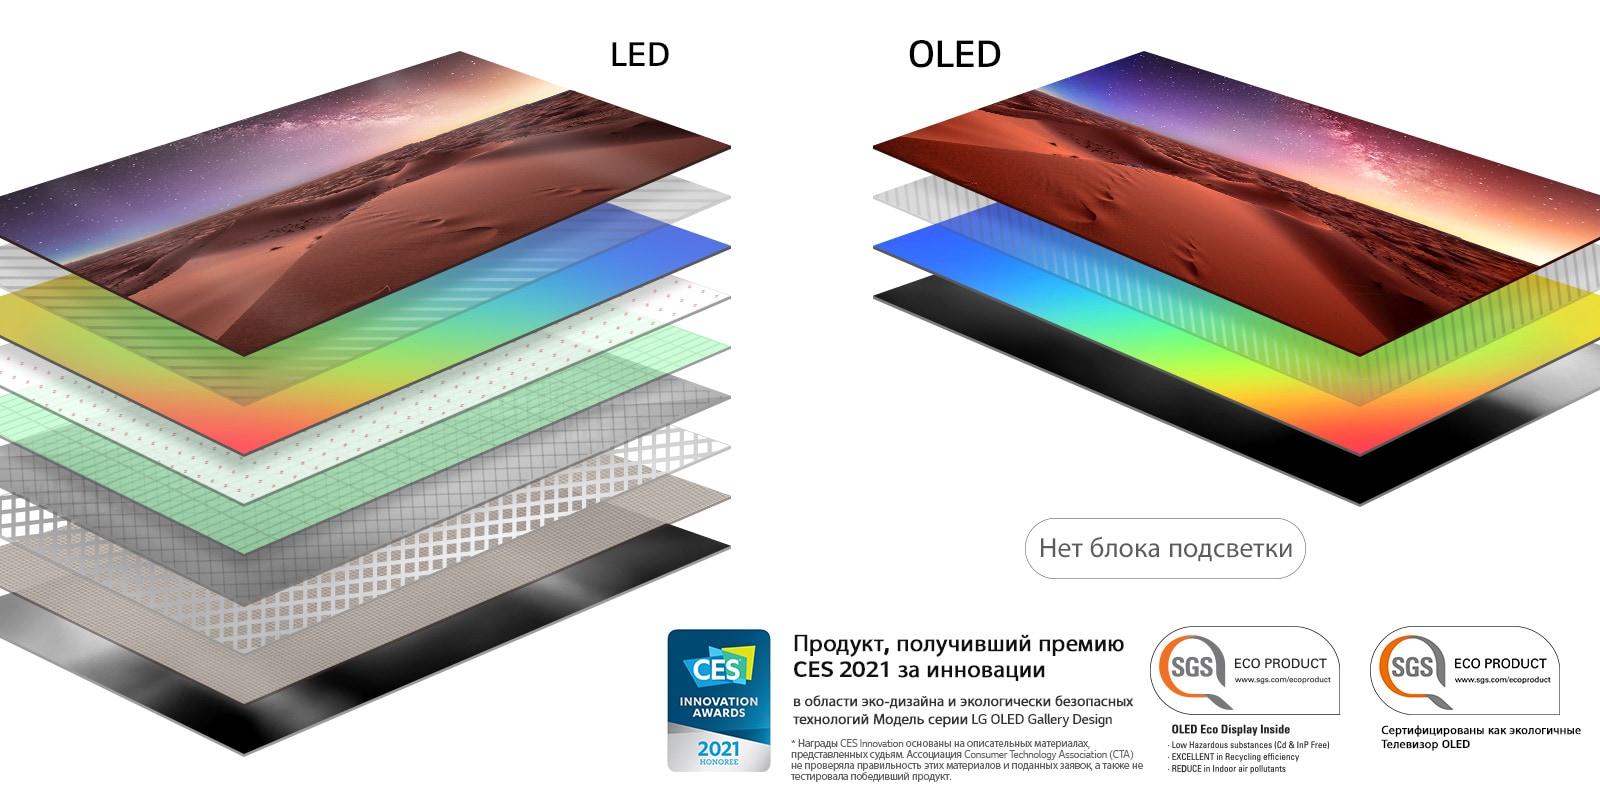 Сравнение состава слоев экранов LED-телевизоров с подсветкой OLED-телевизоров с самоподсвечивающимися пикселями (просмотр видео)